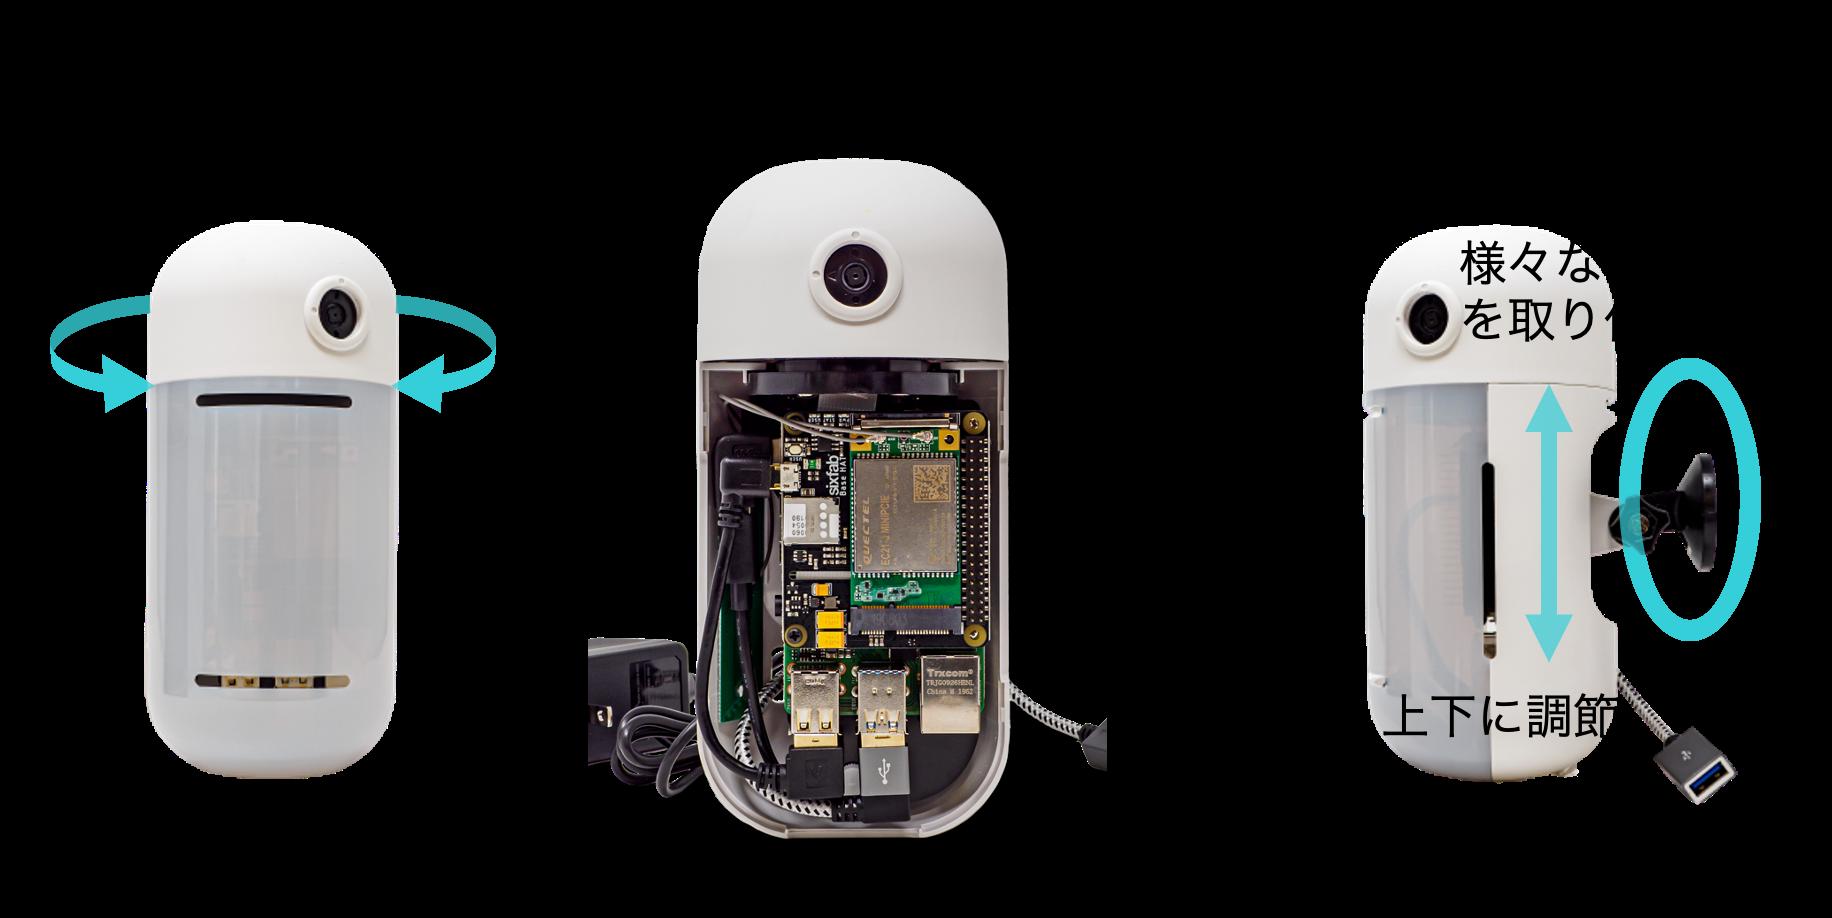 SORACOM Plus Camera Basic